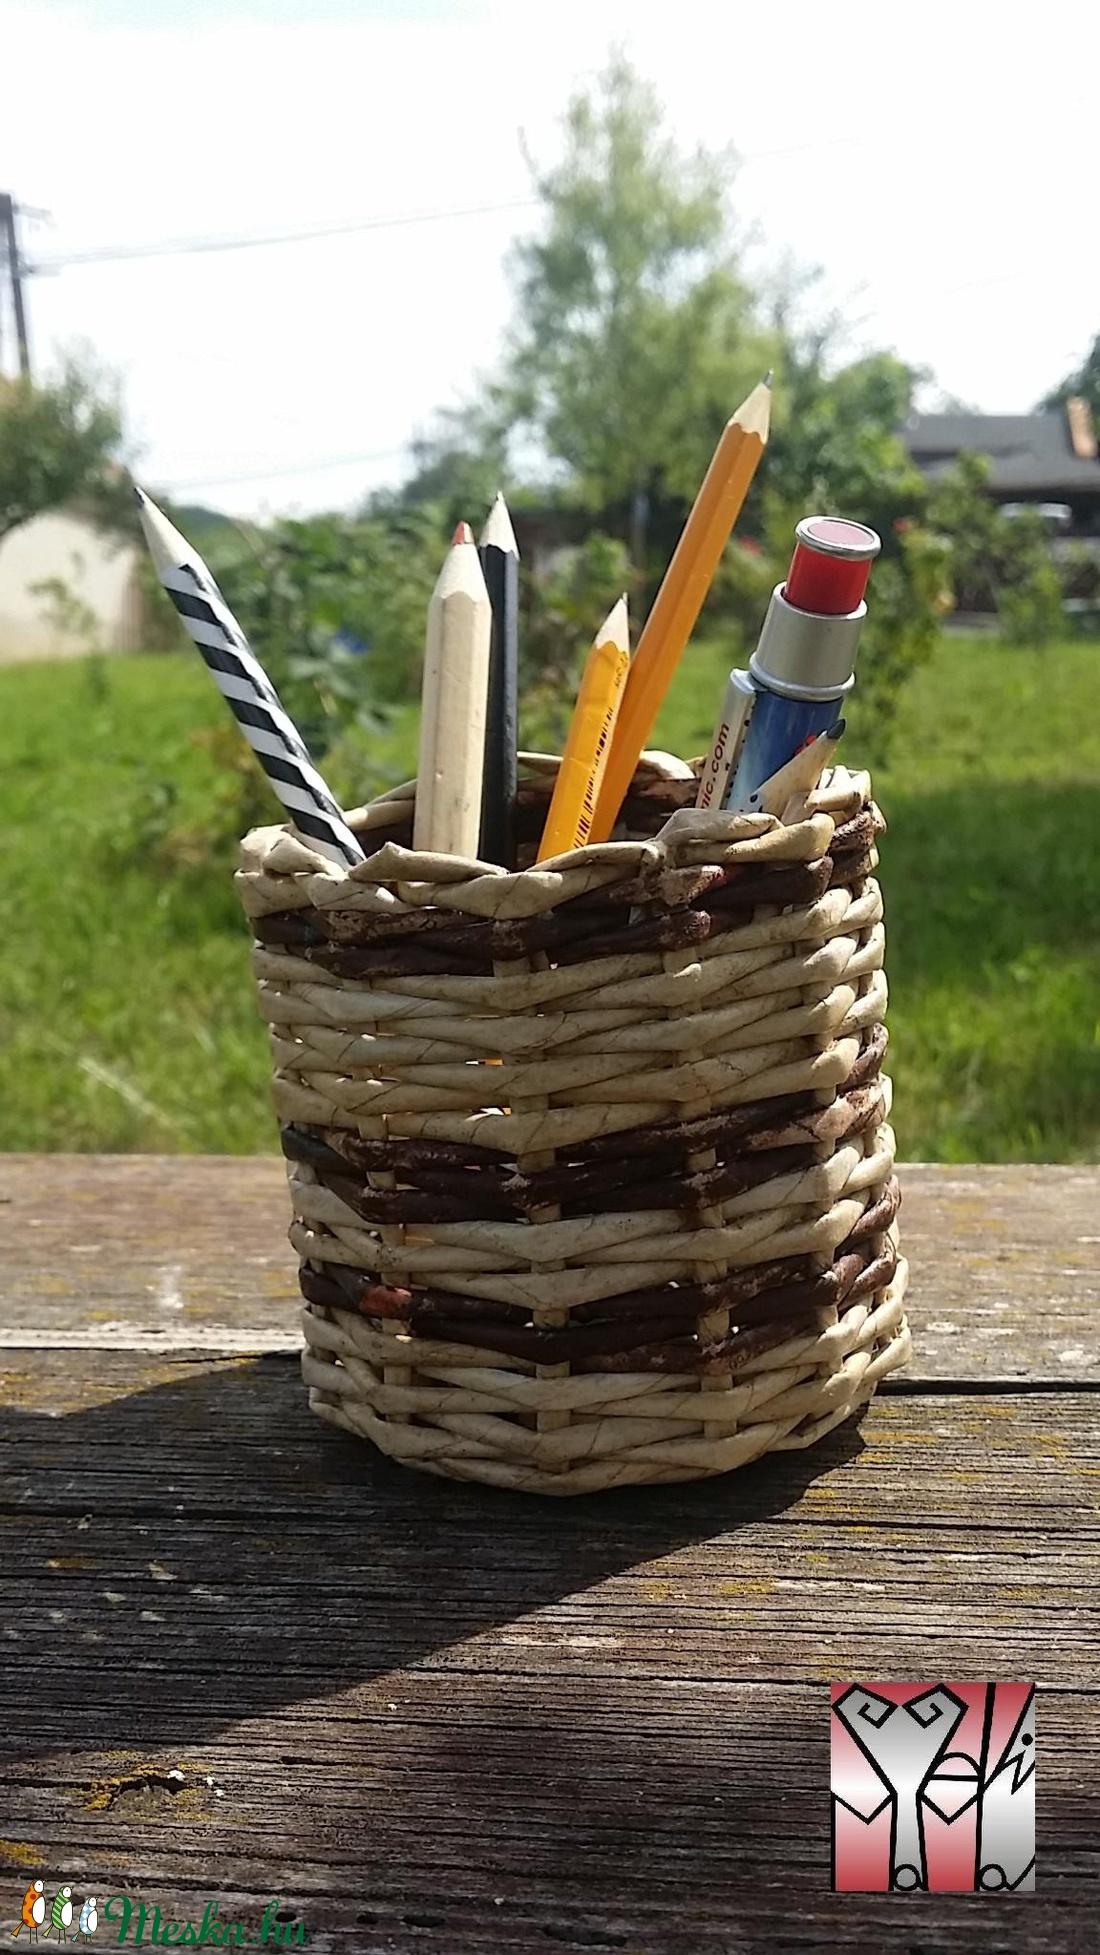 Papír fonott ceruzataró..2féle barna színnel (Szevimamarozsakertje) - Meska.hu